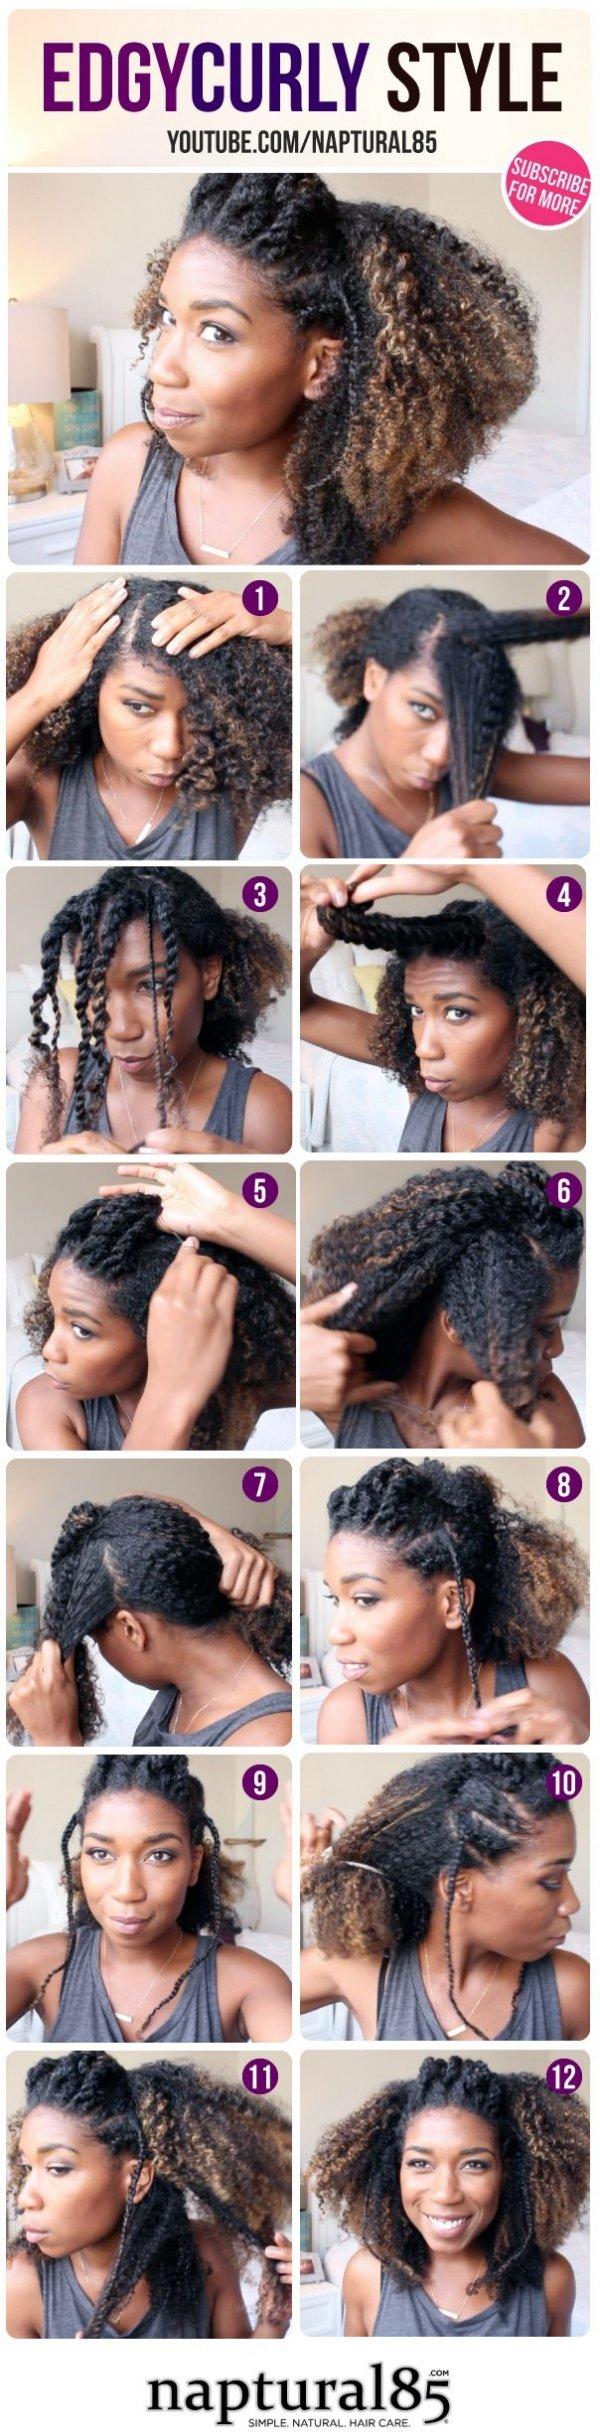 hair,face,eyebrow,hairstyle,beauty,